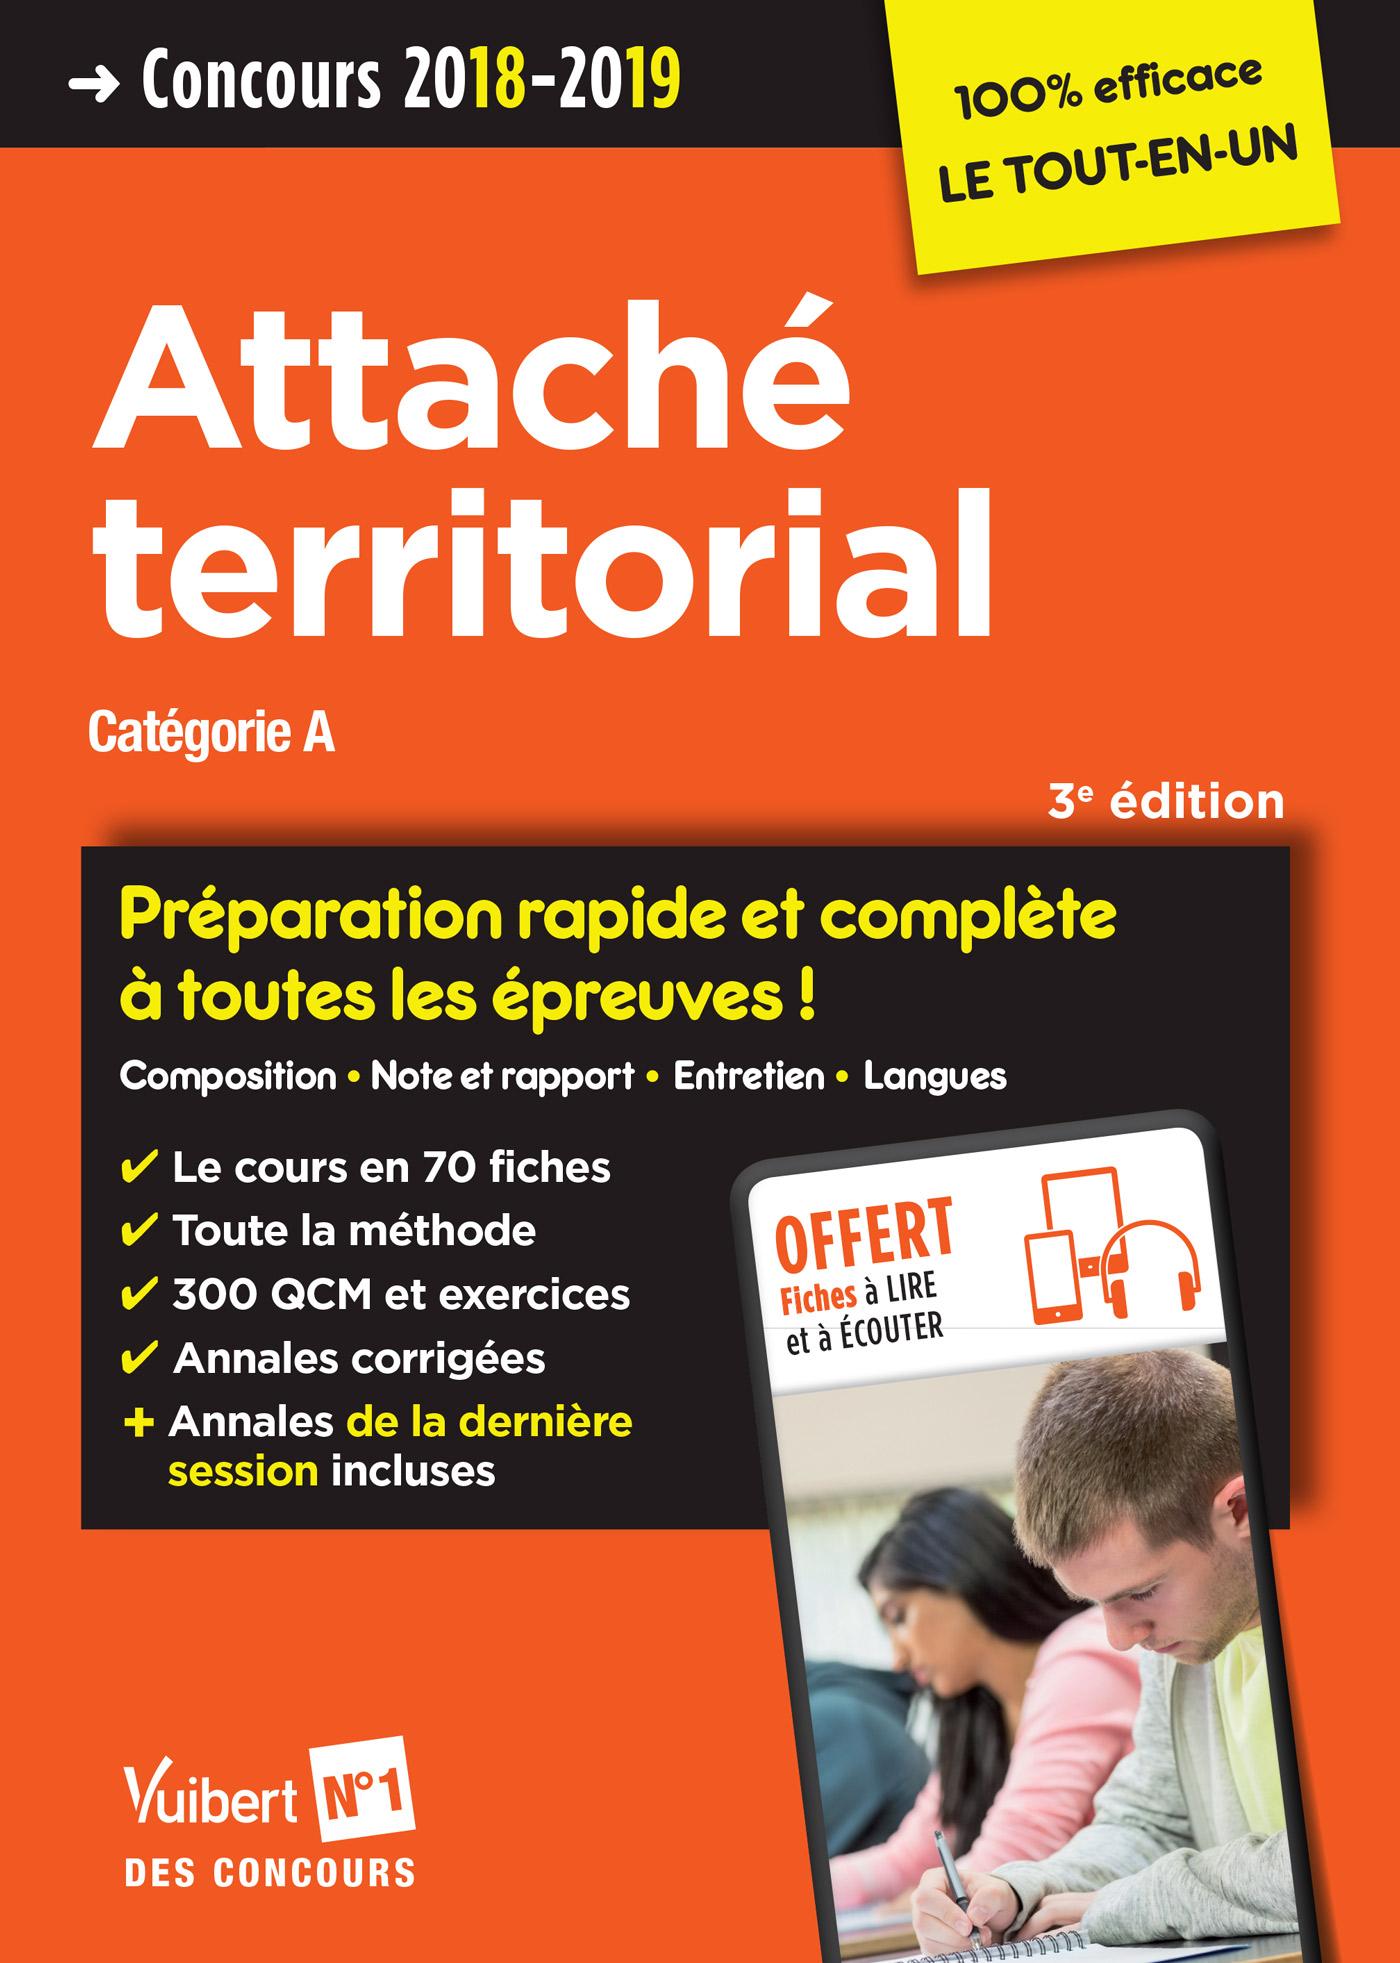 6287ae48208 Concours Attaché territorial - Catégorie A - Préparation rapide et complète  à toutes les épreuves !